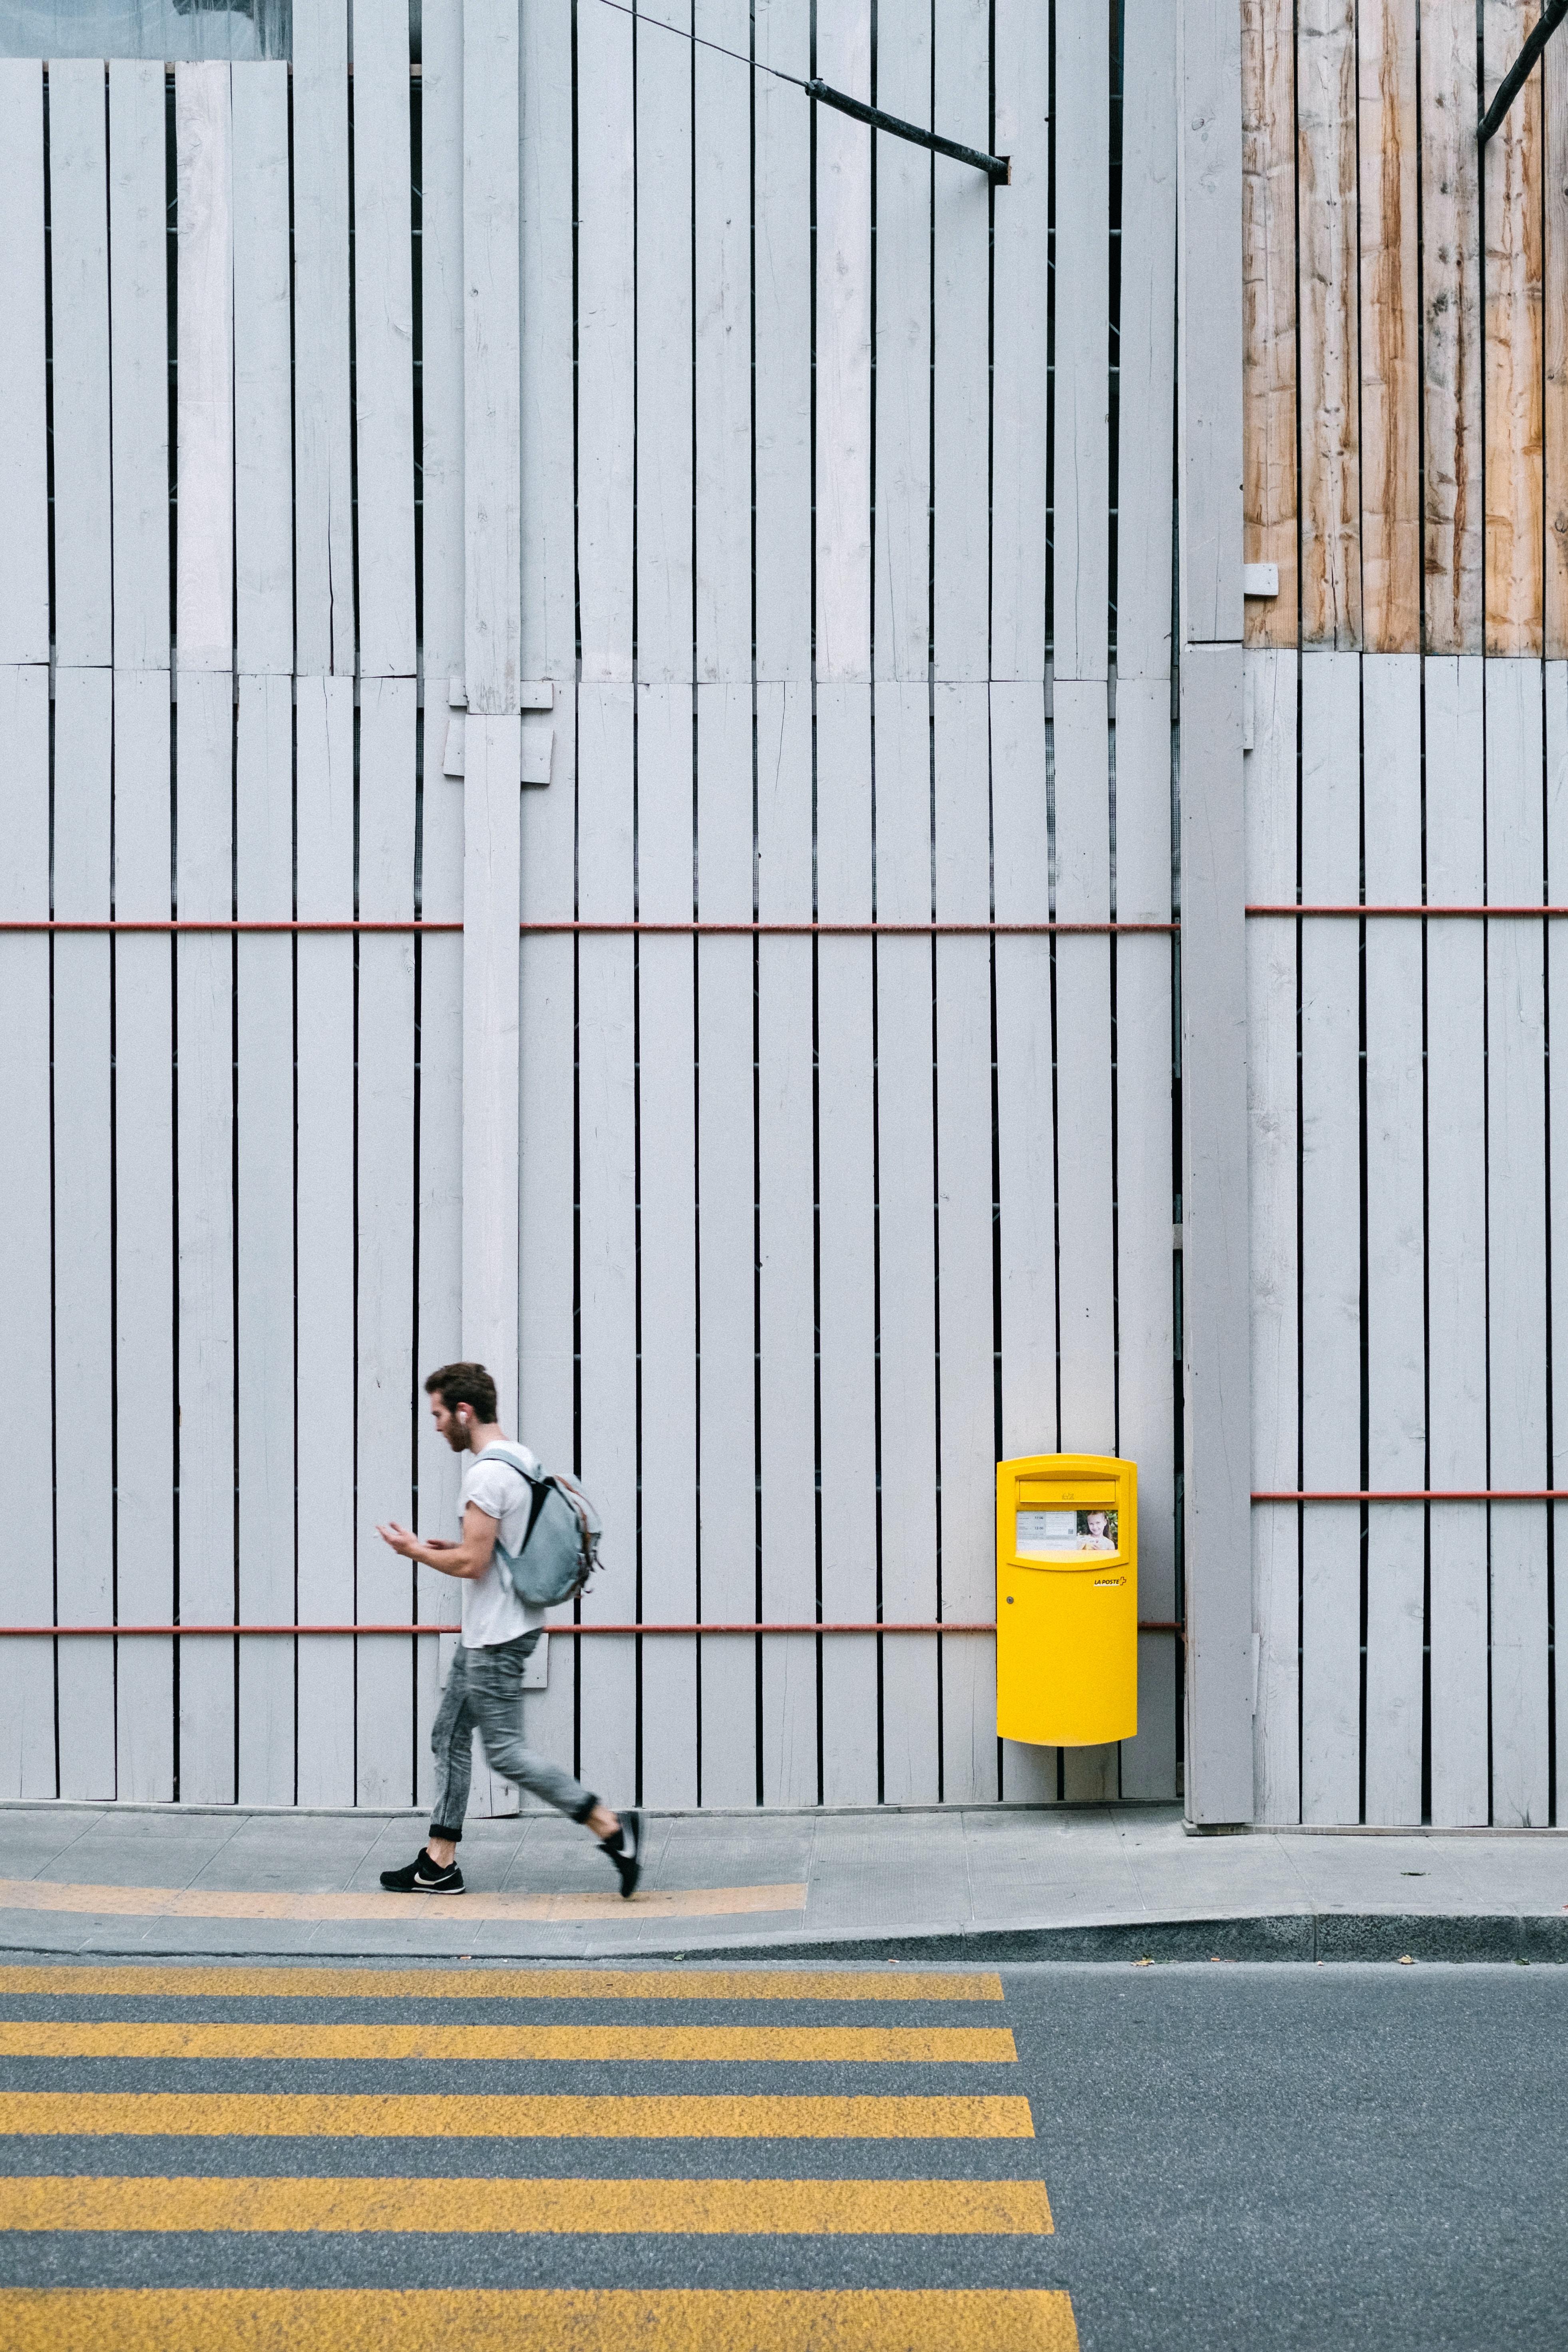 man walking on sidewalk beside pedestrian lane at daytime